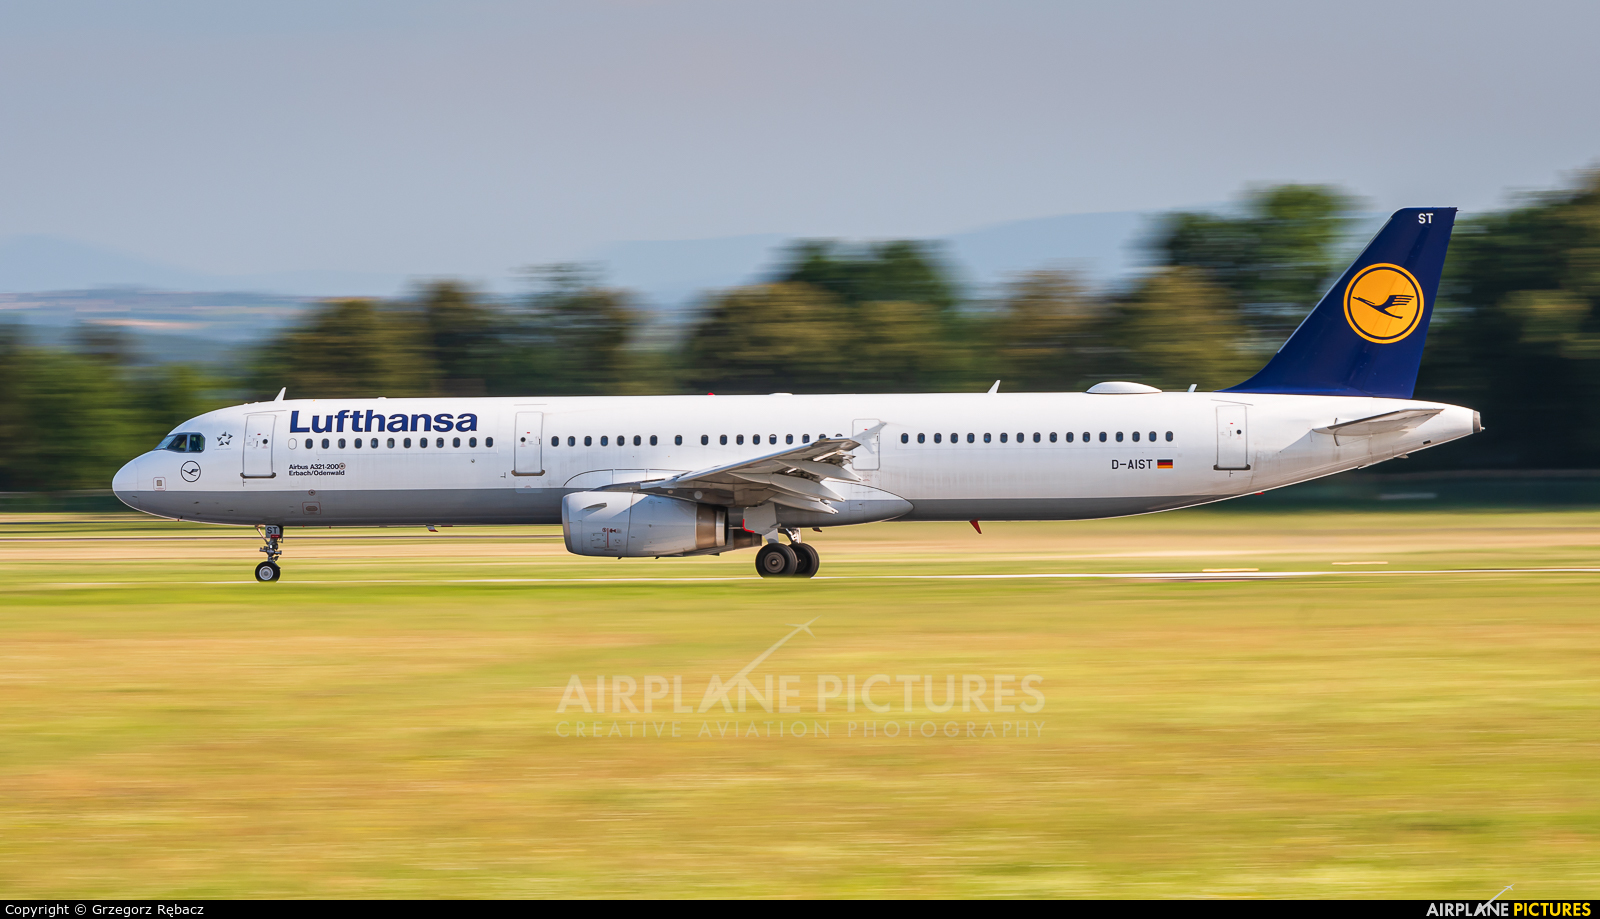 Lufthansa D-AIST aircraft at Kraków - John Paul II Intl